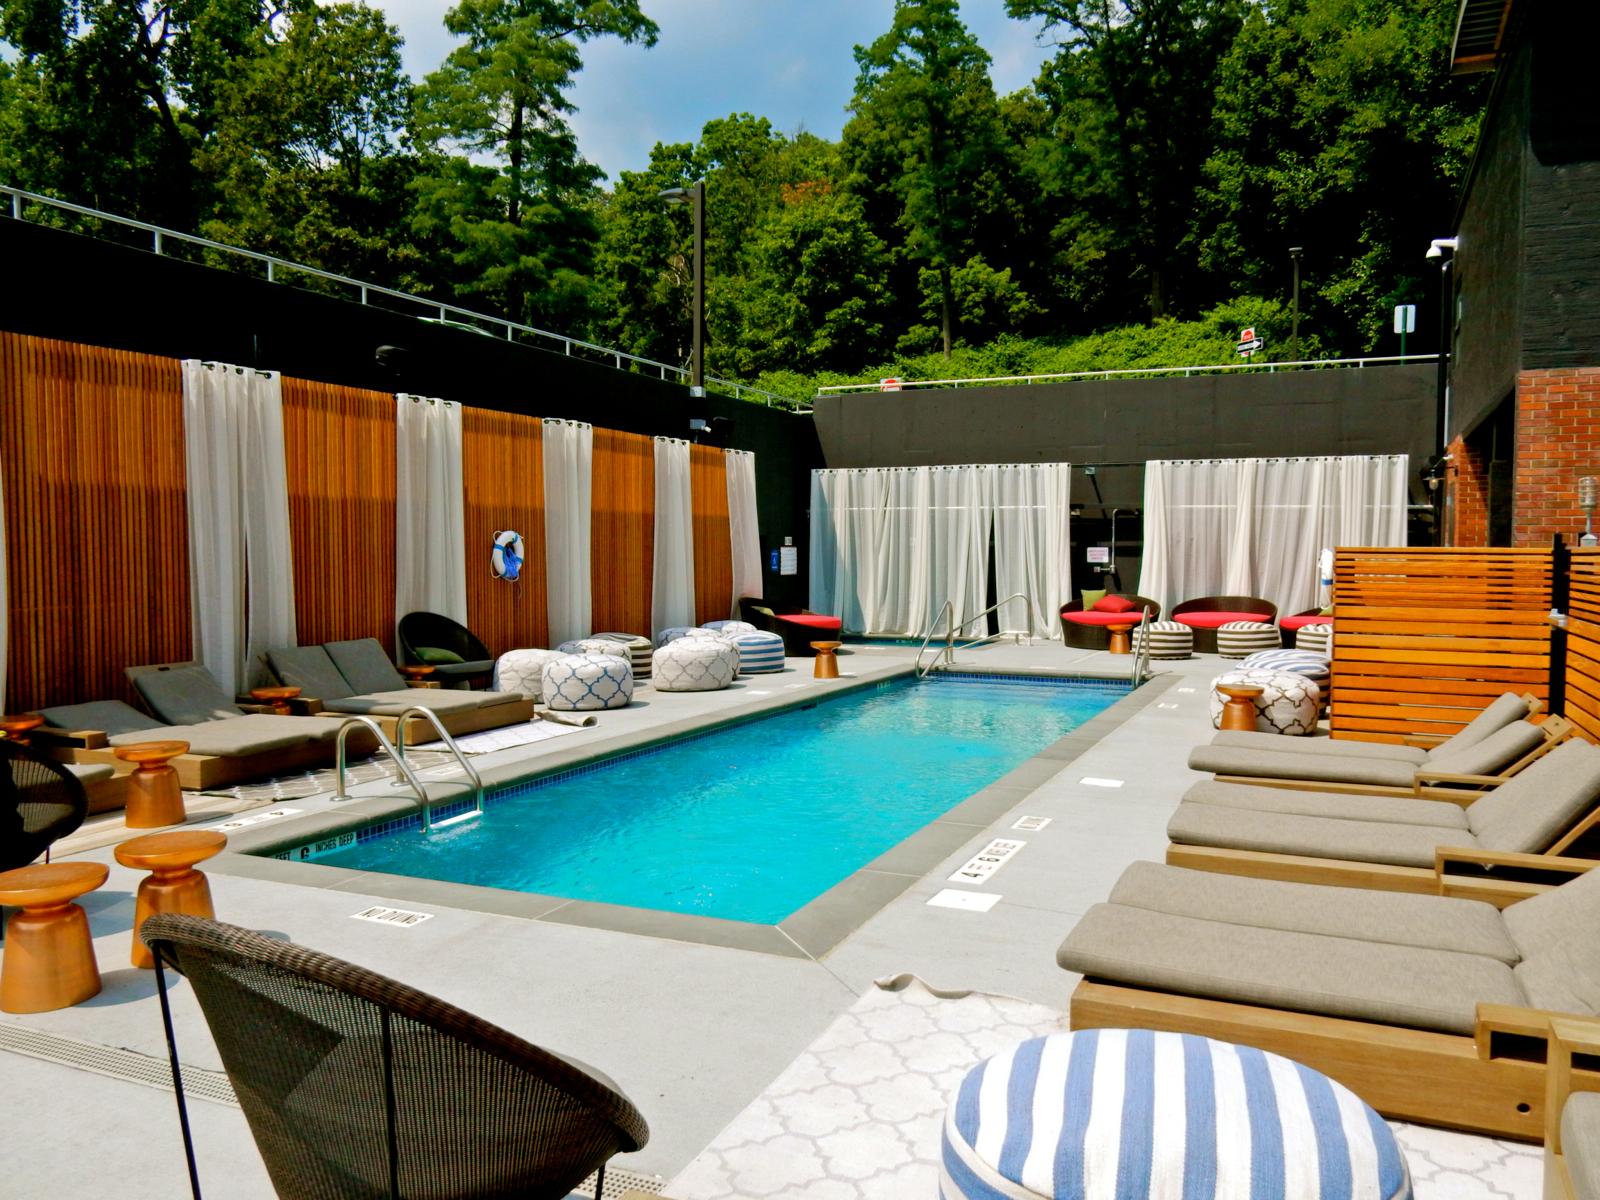 Outdoor Pool Time Hotel Nyack Ny